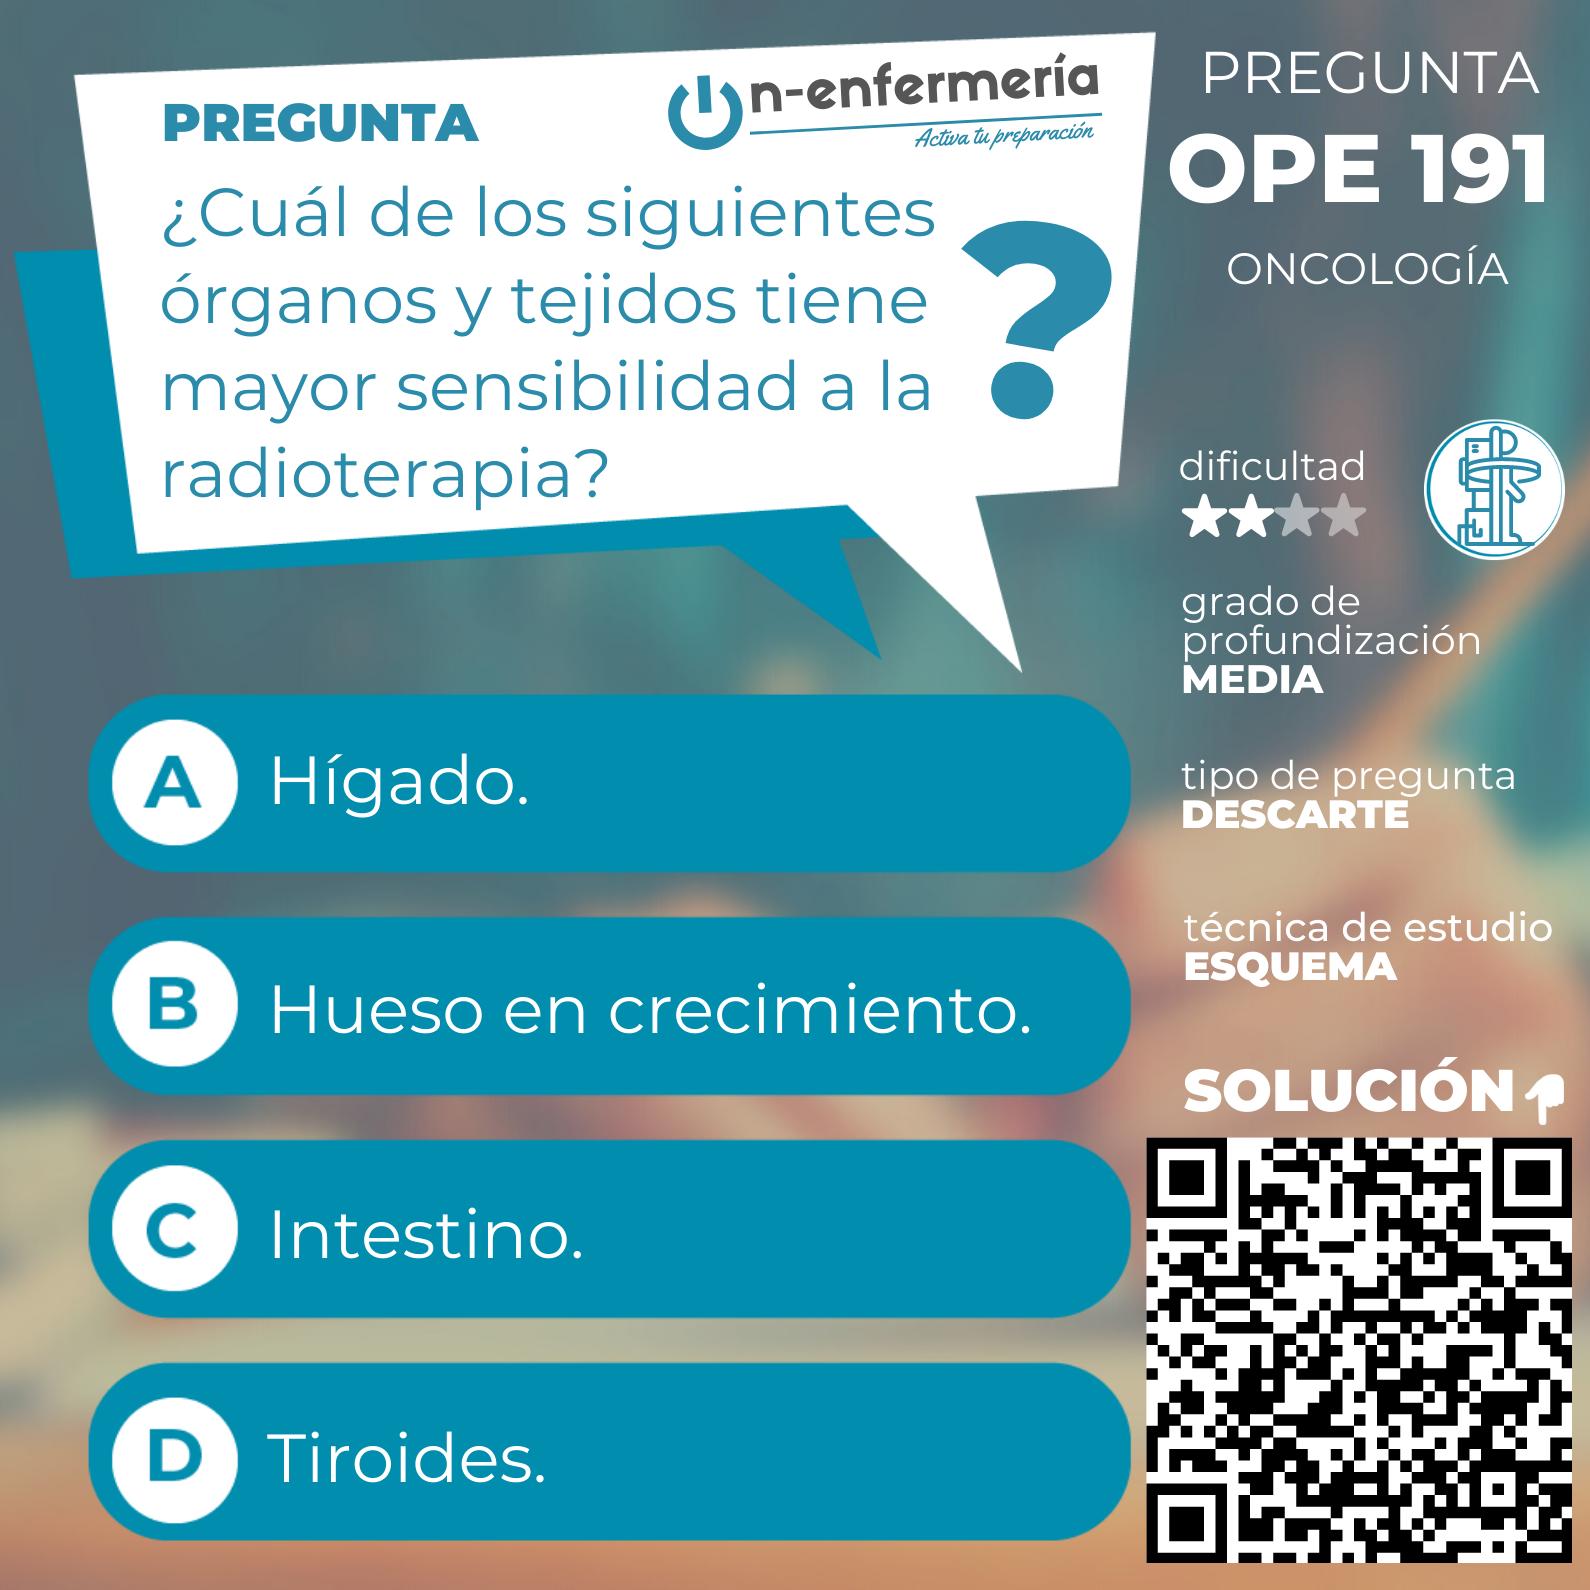 Pregunta examen OPE Enfermería nº 191 - Oncología